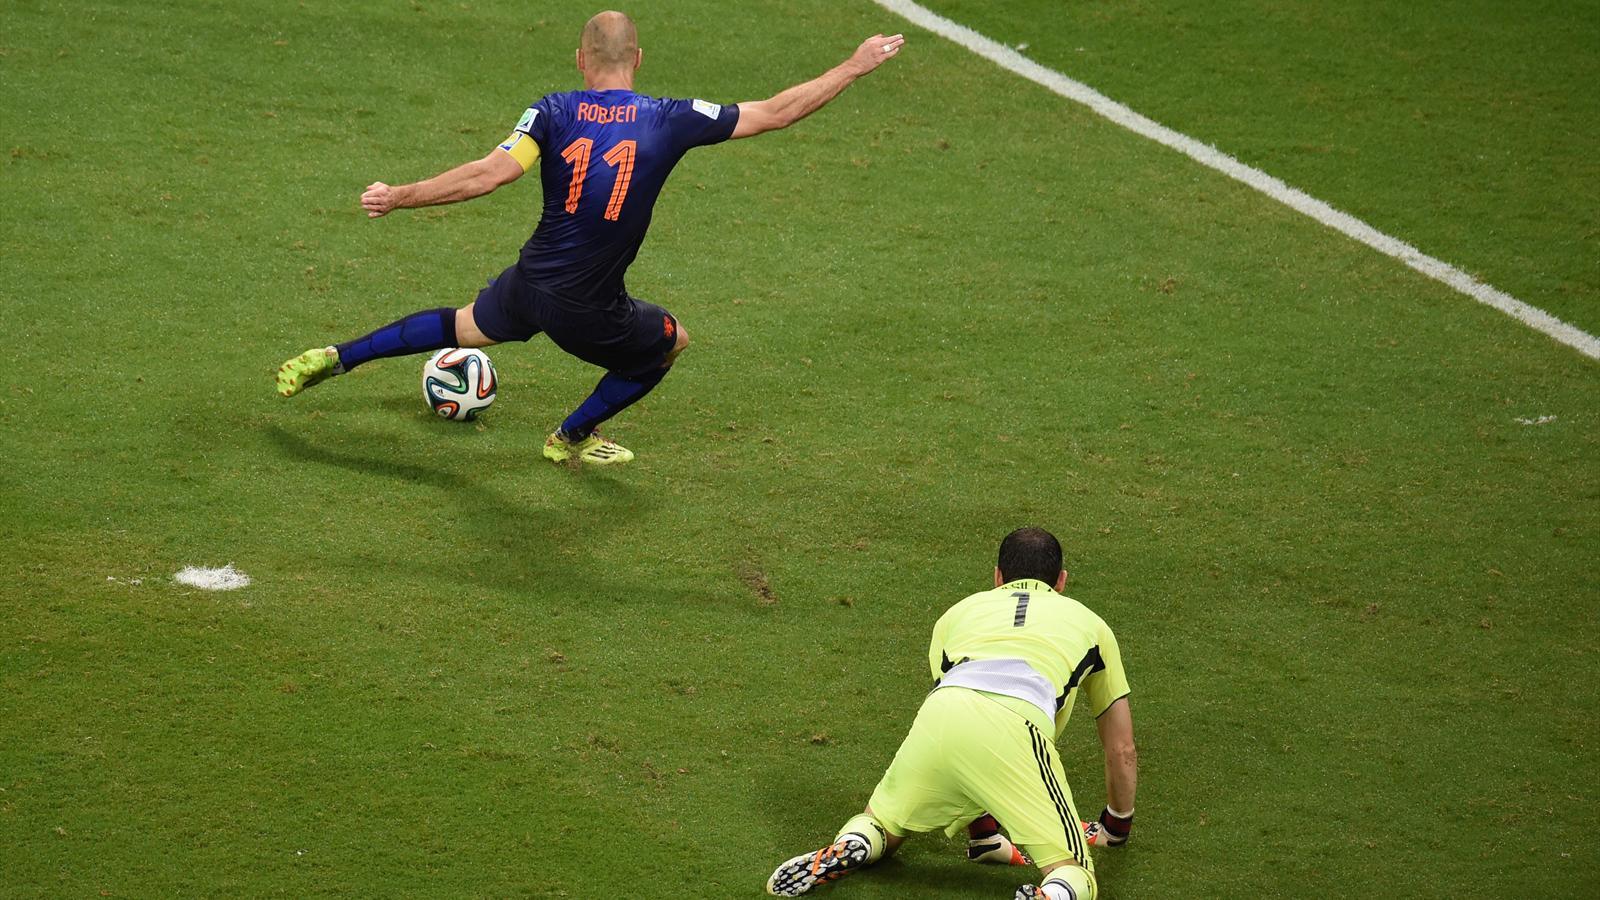 Coupe du monde quatre ann es apr s la finale du mondial - Finale coupe du monde 2010 ...